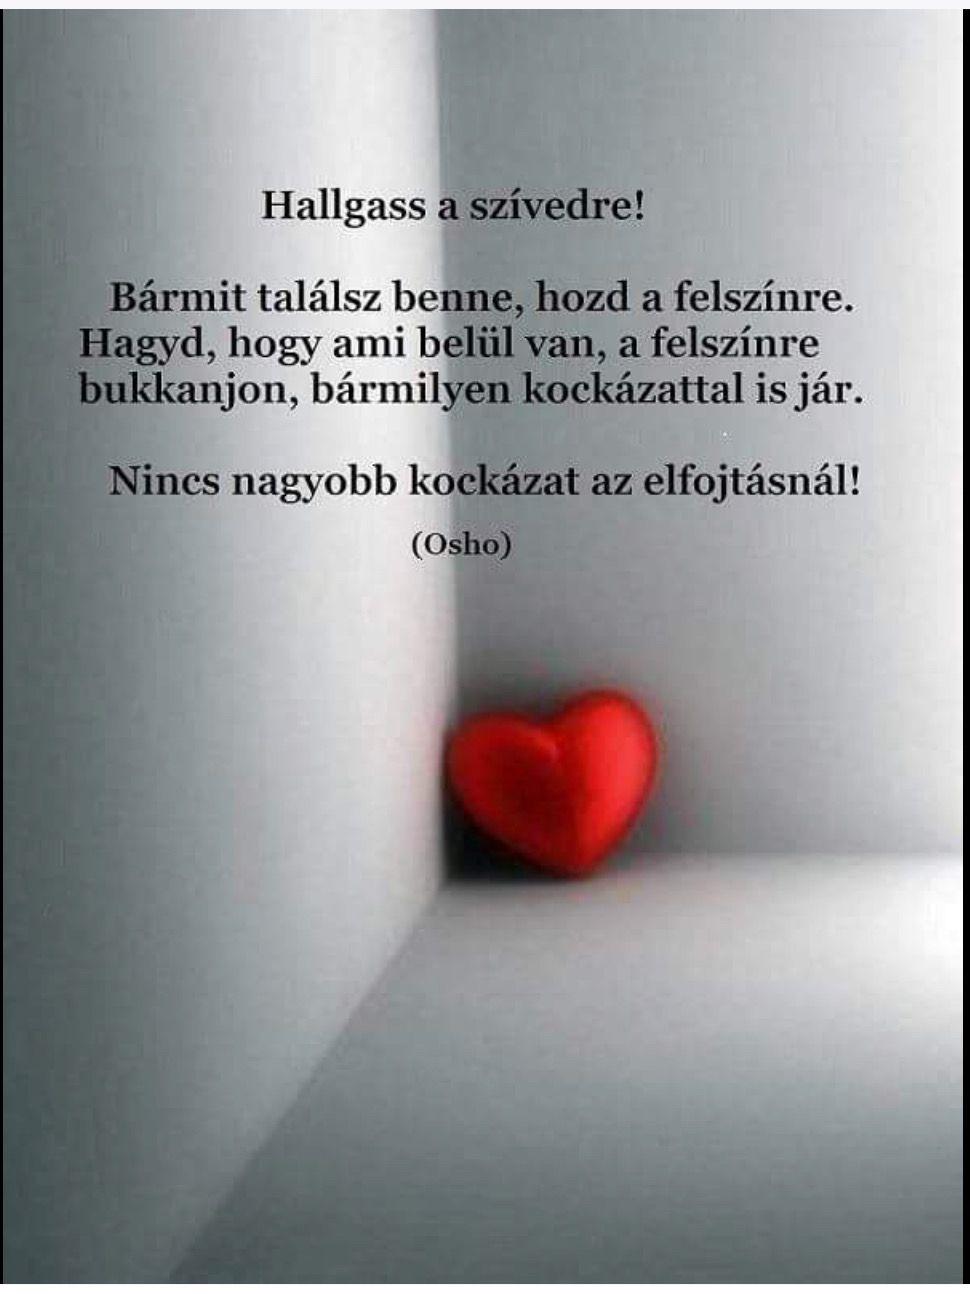 Hallgass a szívedre...♡